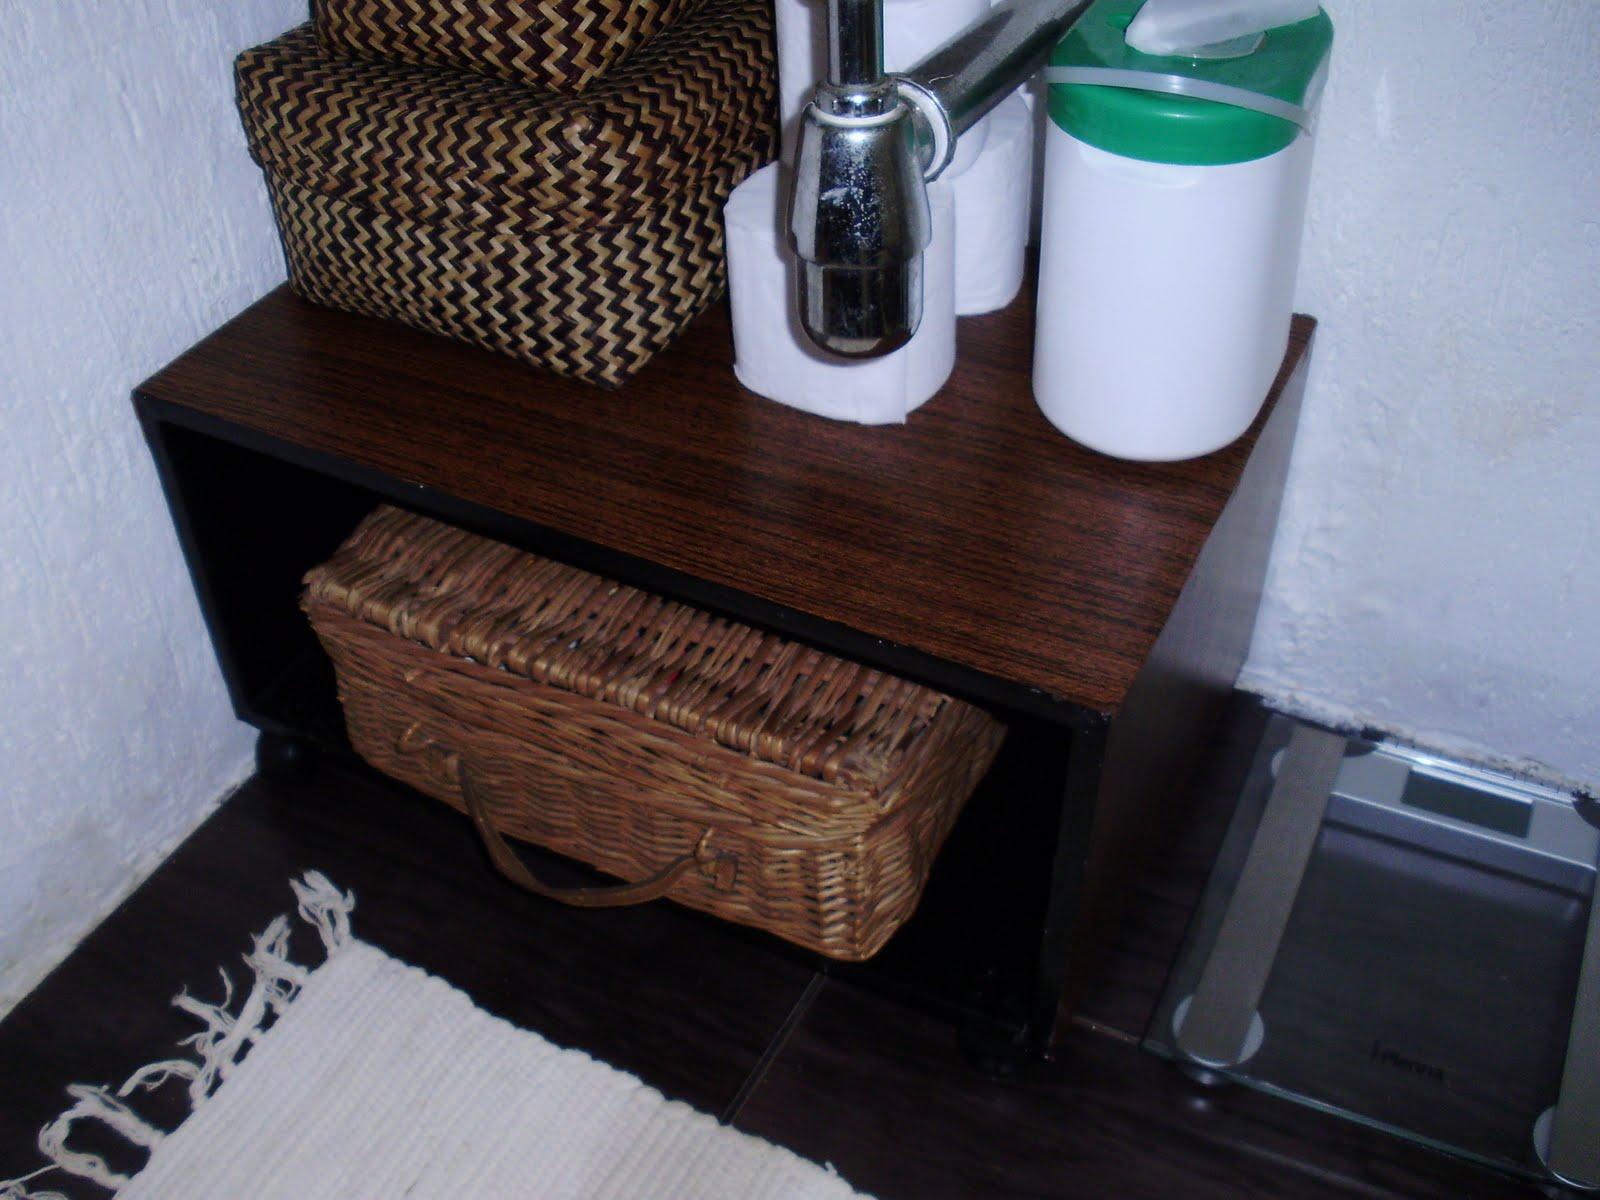 Grandes idéias de Decoração para banheiros pequenos X Aprender  #28736C 1600 1200